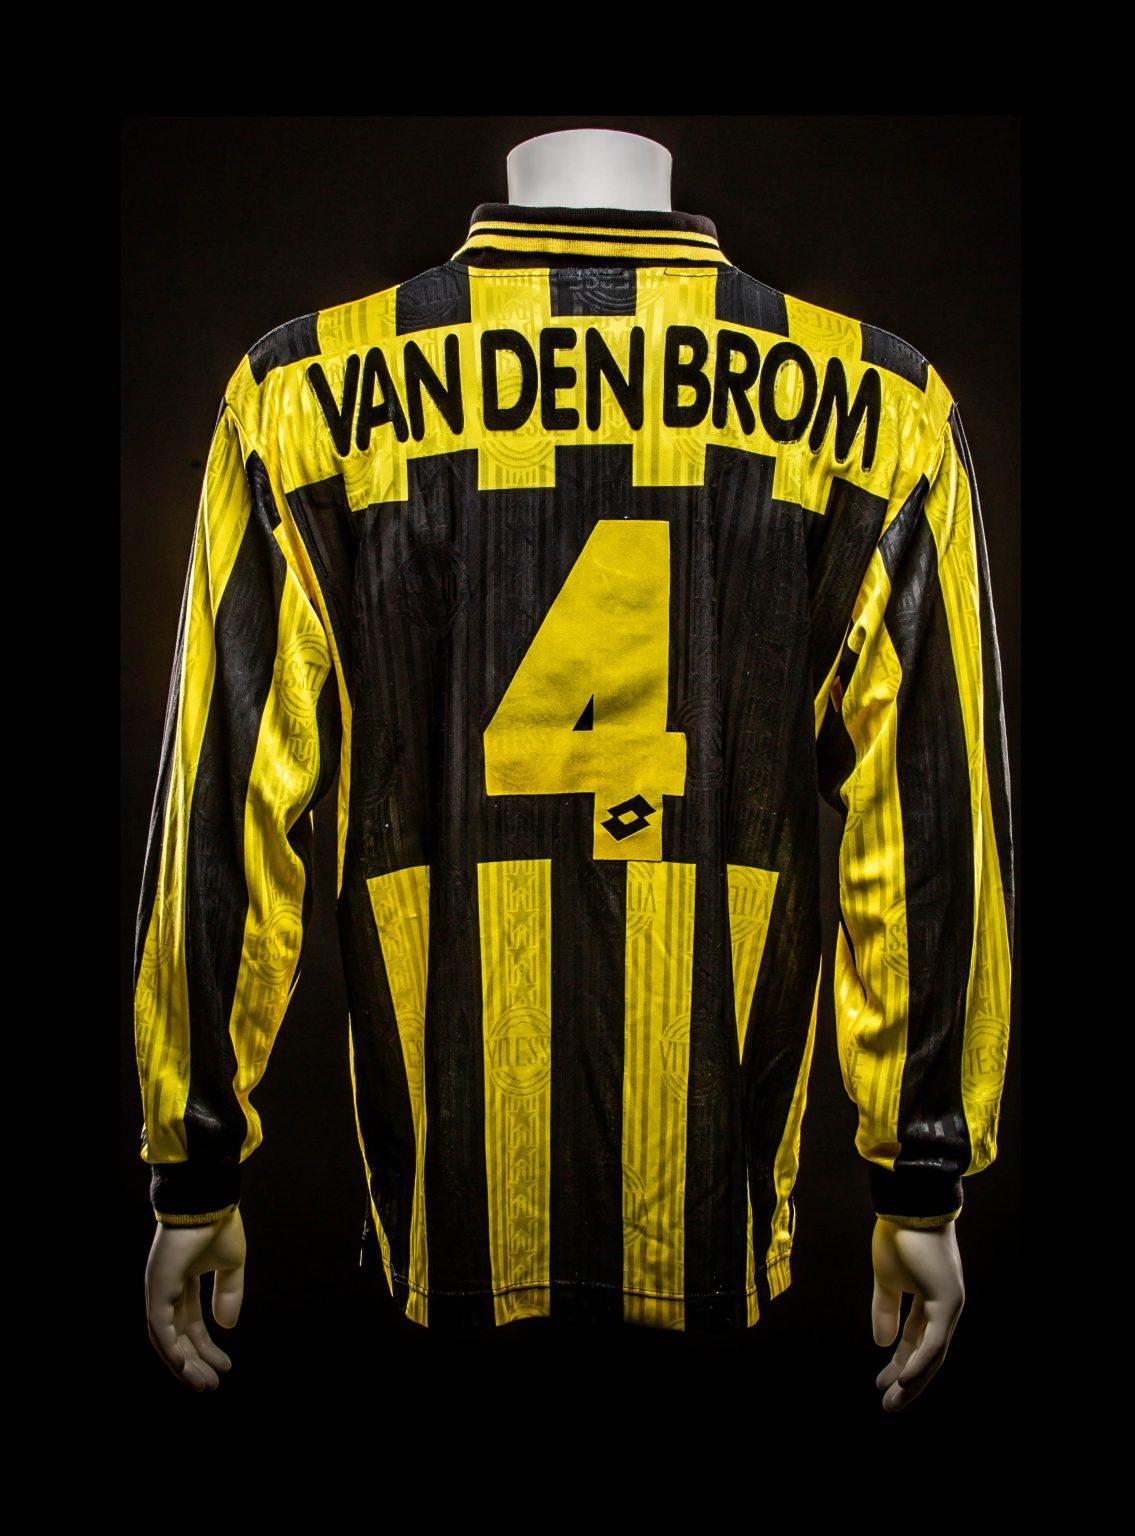 #4 John van den Brom